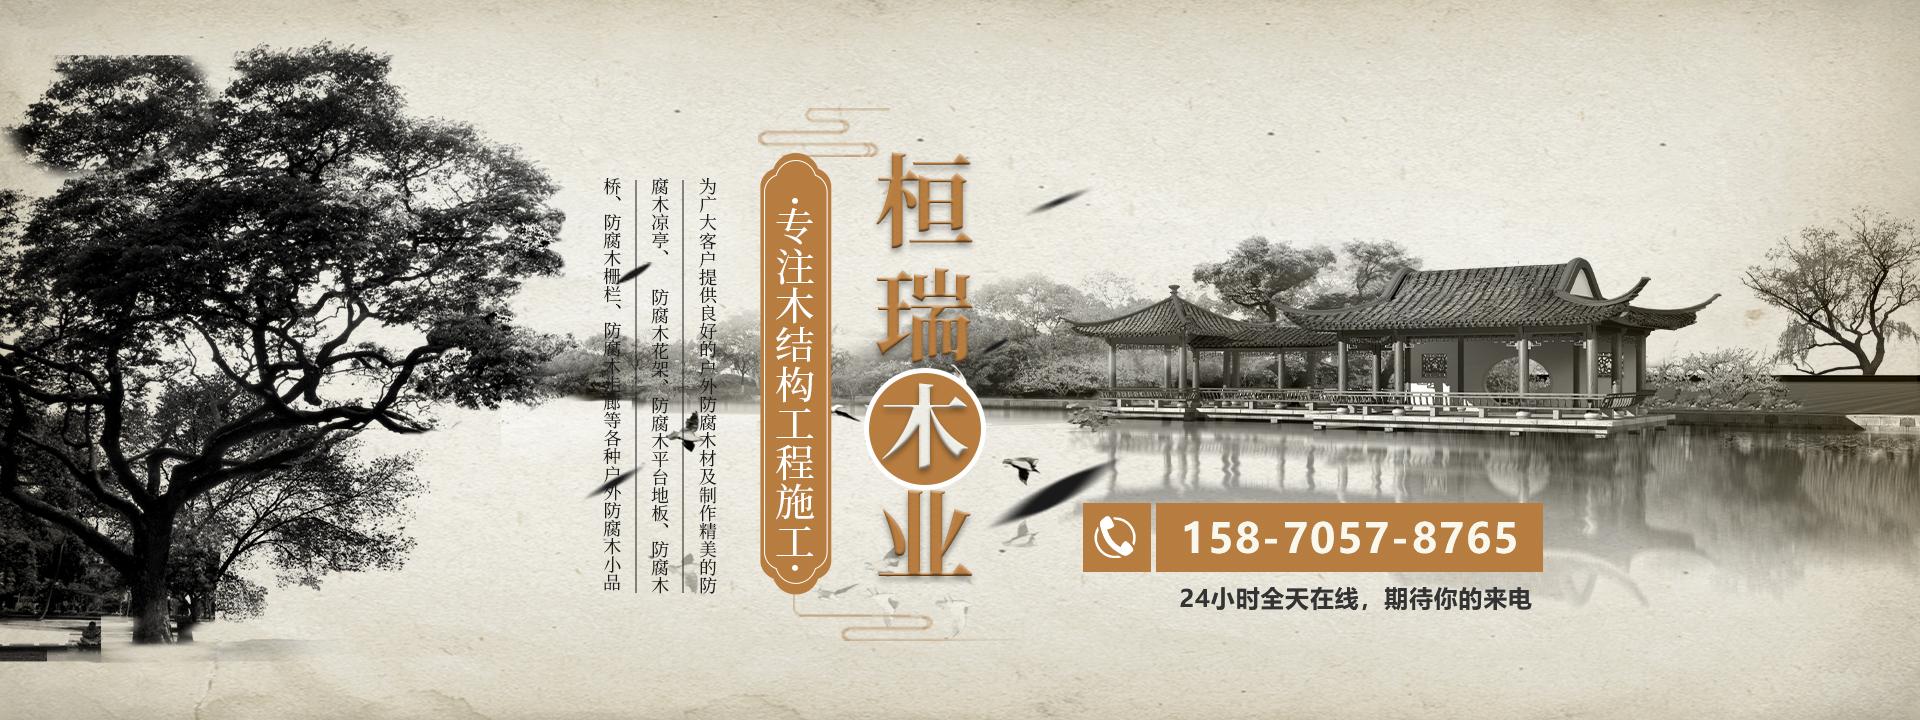 重庆防腐木厂家,重庆防腐木屋定制,重庆防腐木凉亭加工